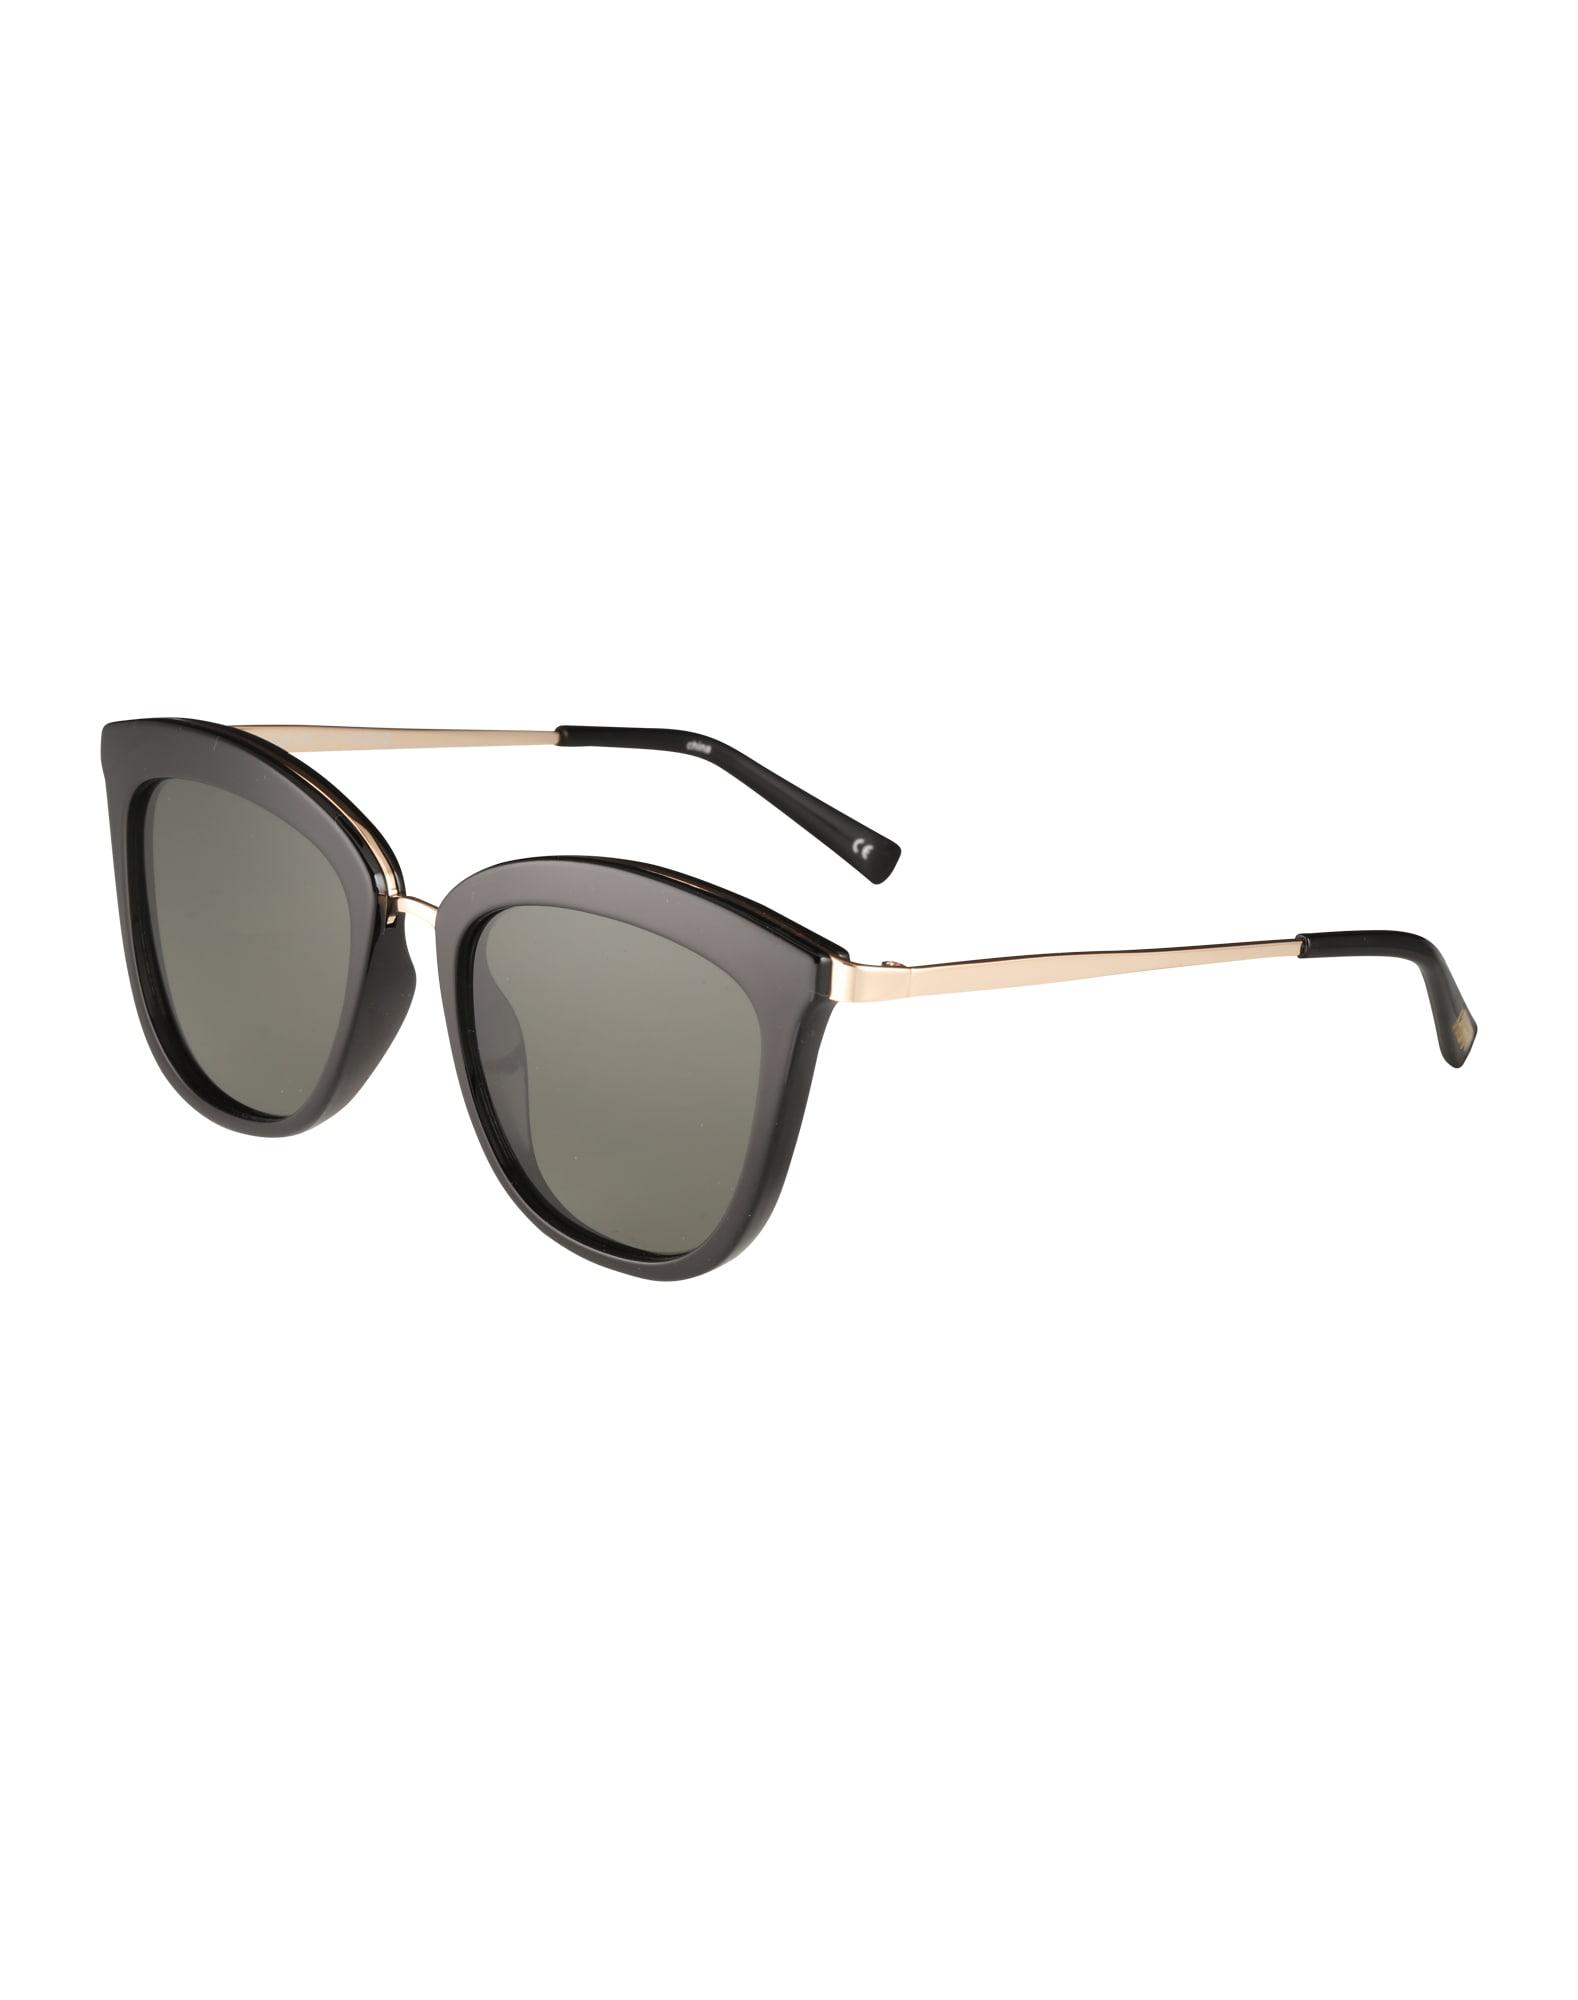 Sluneční brýle Caliente zlatá černá LE SPECS